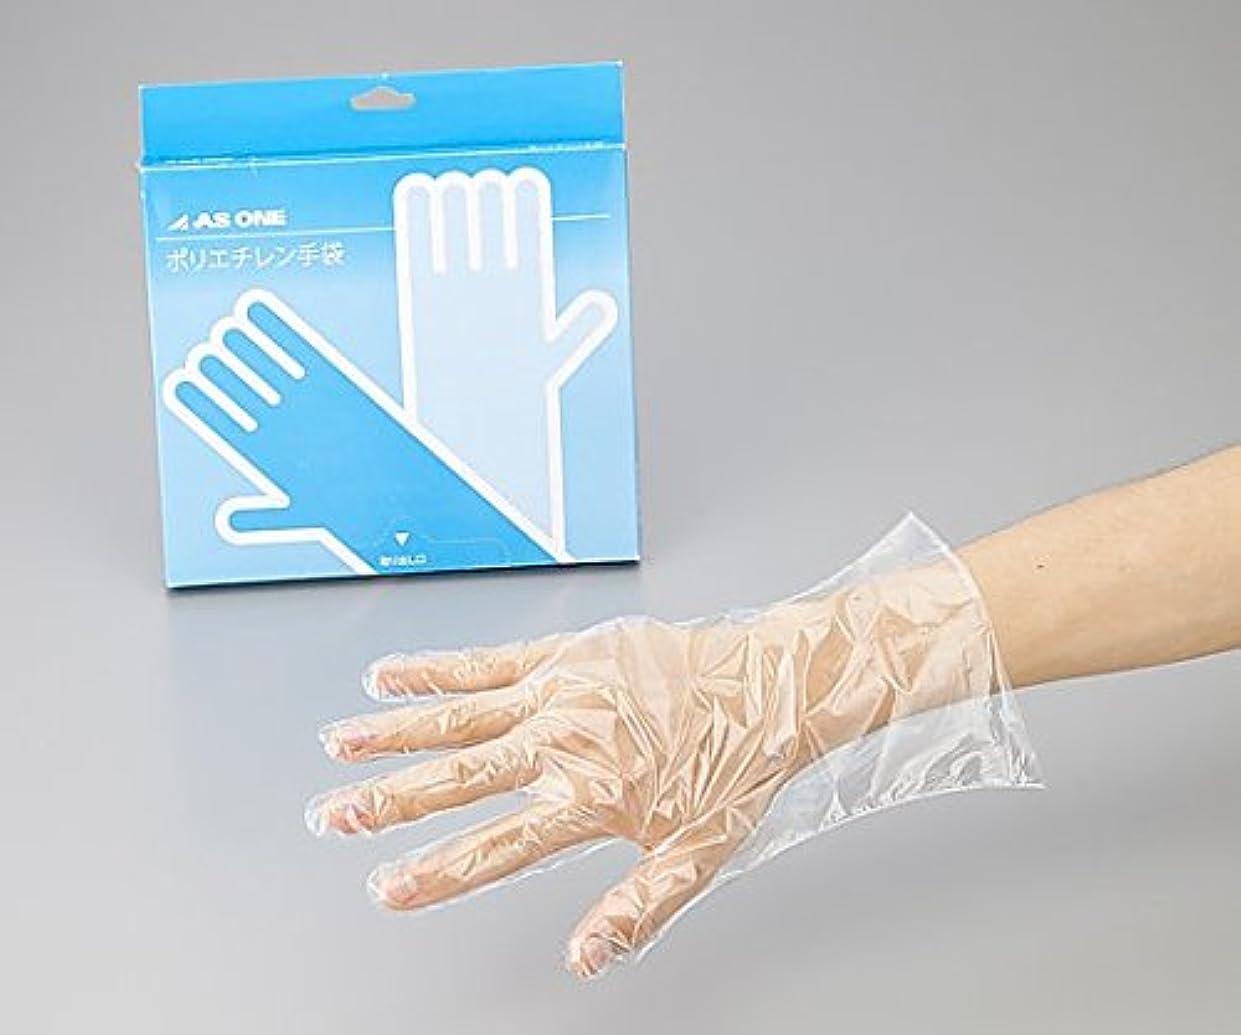 眠る代表団出口アズワン2-4973-02ポリエチレン手袋スタンダード標準厚M100枚入